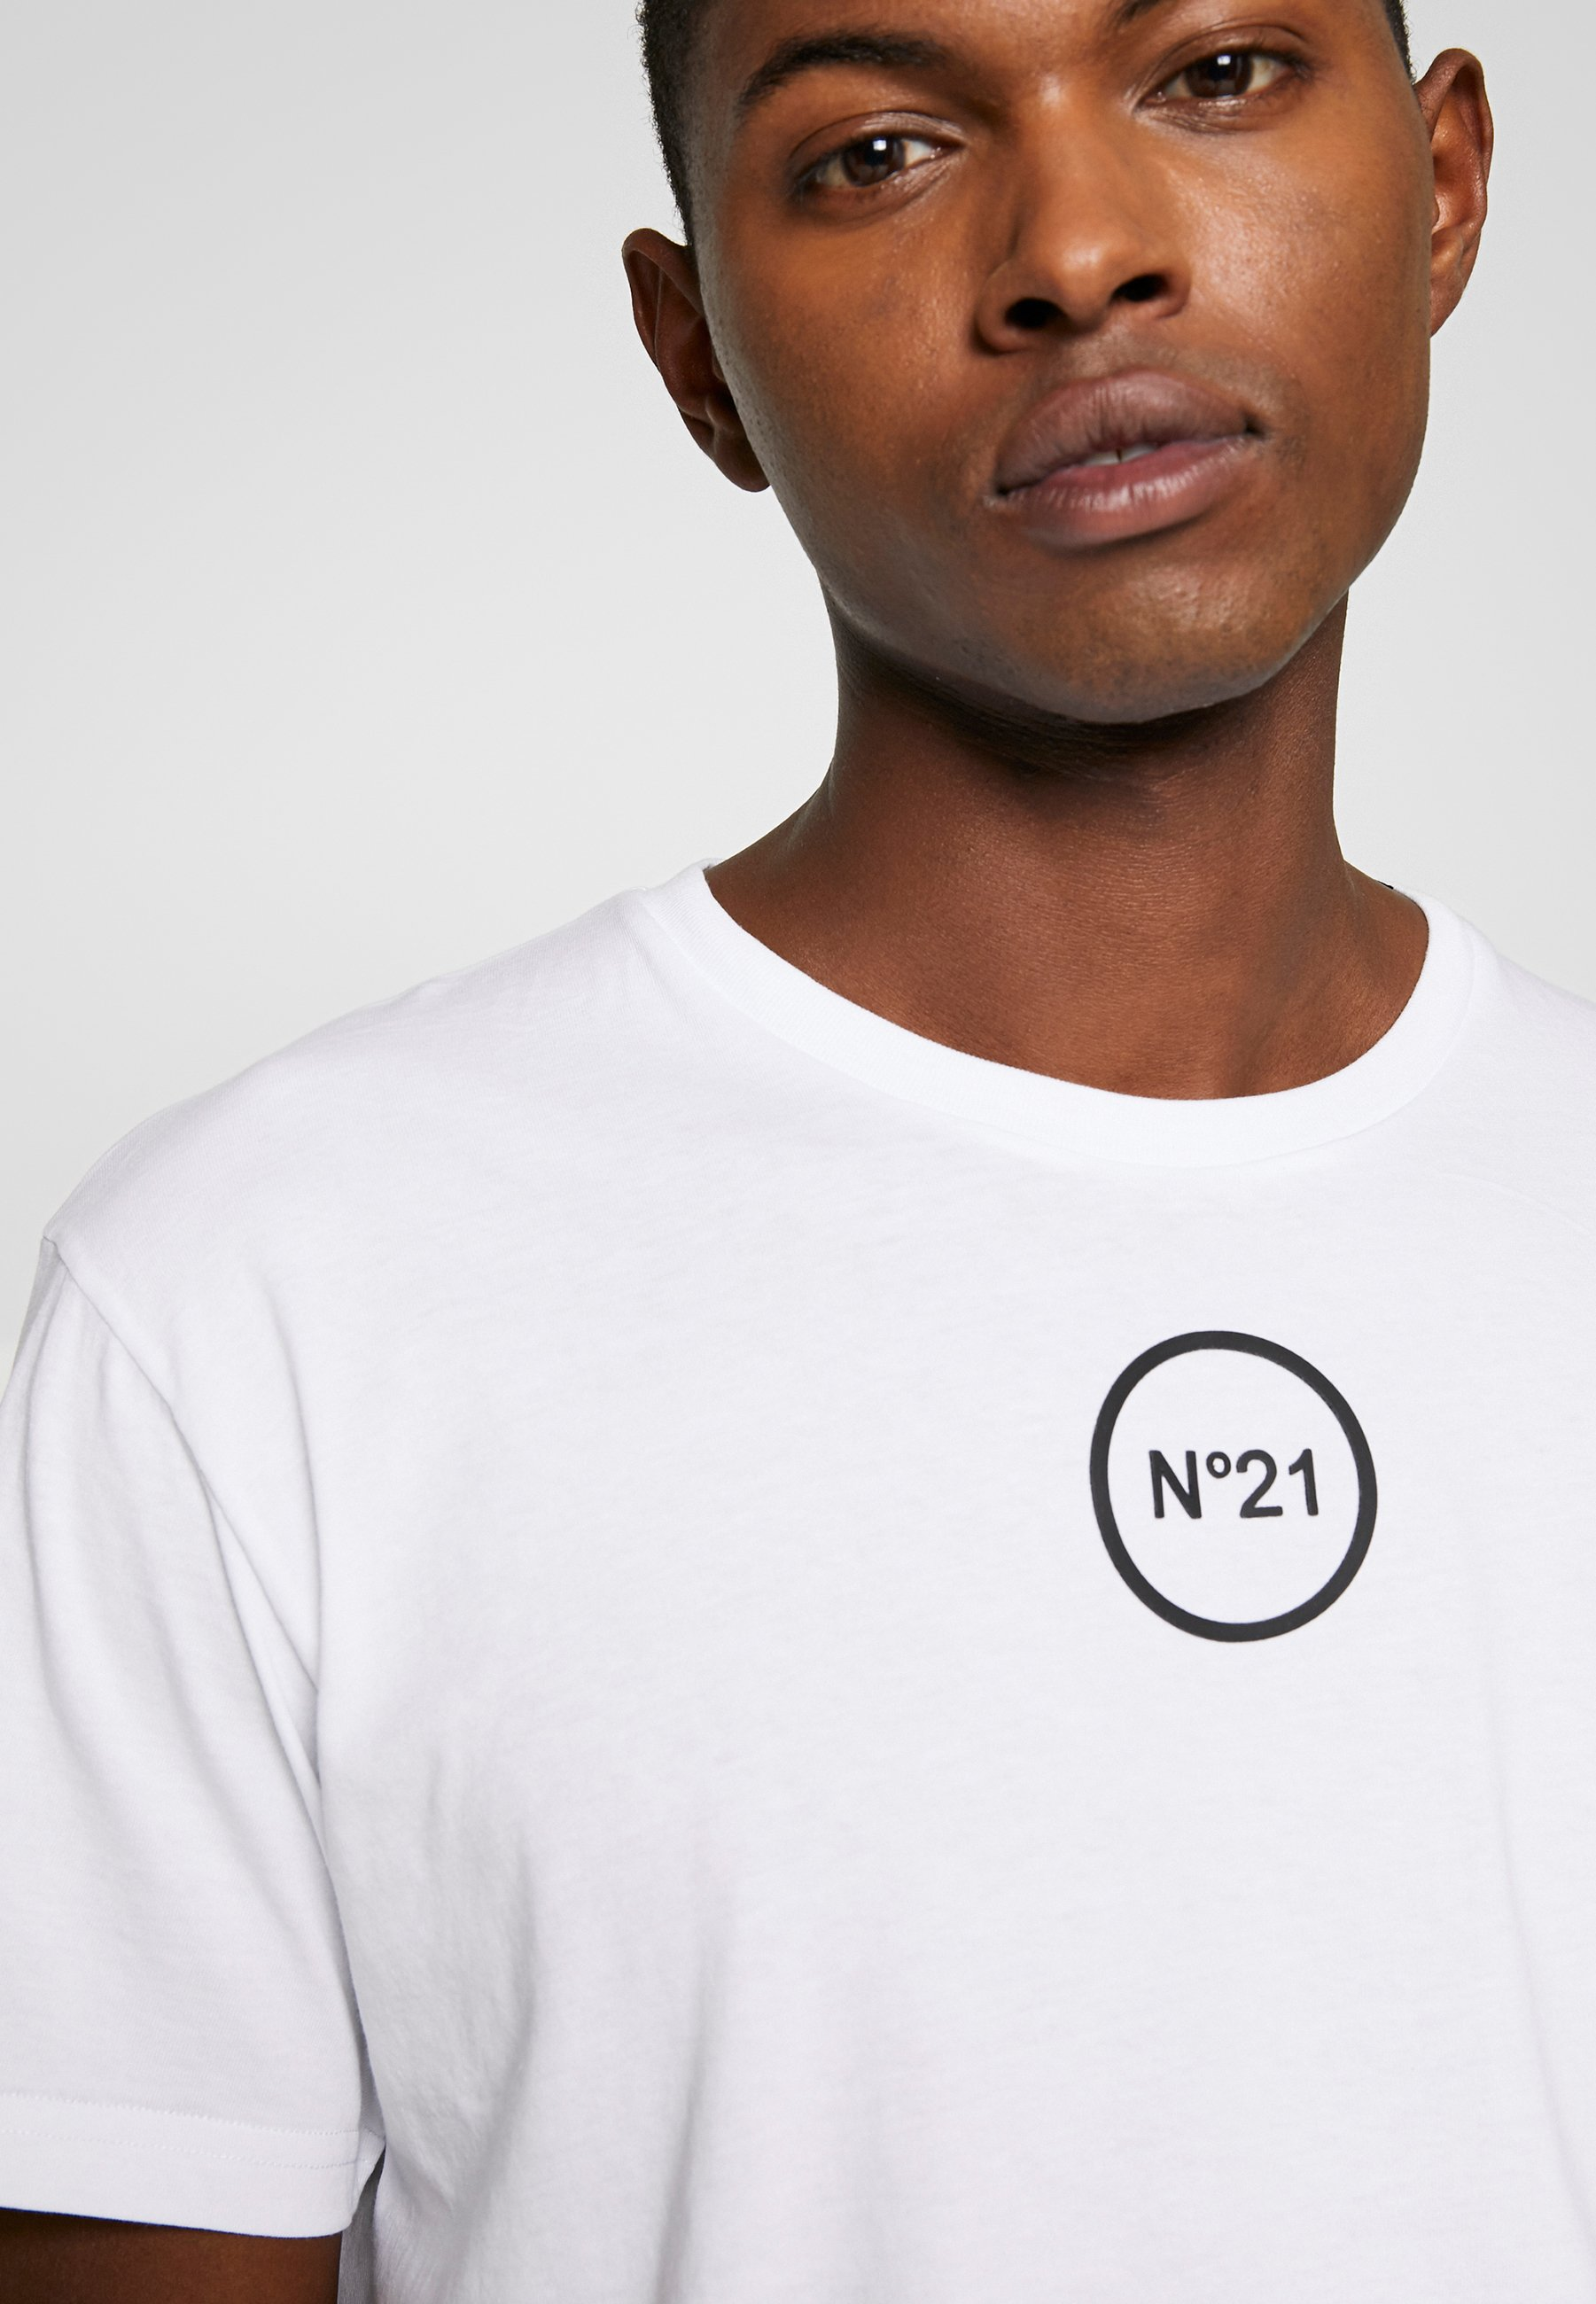 N°21 T-shirt imprimé - white